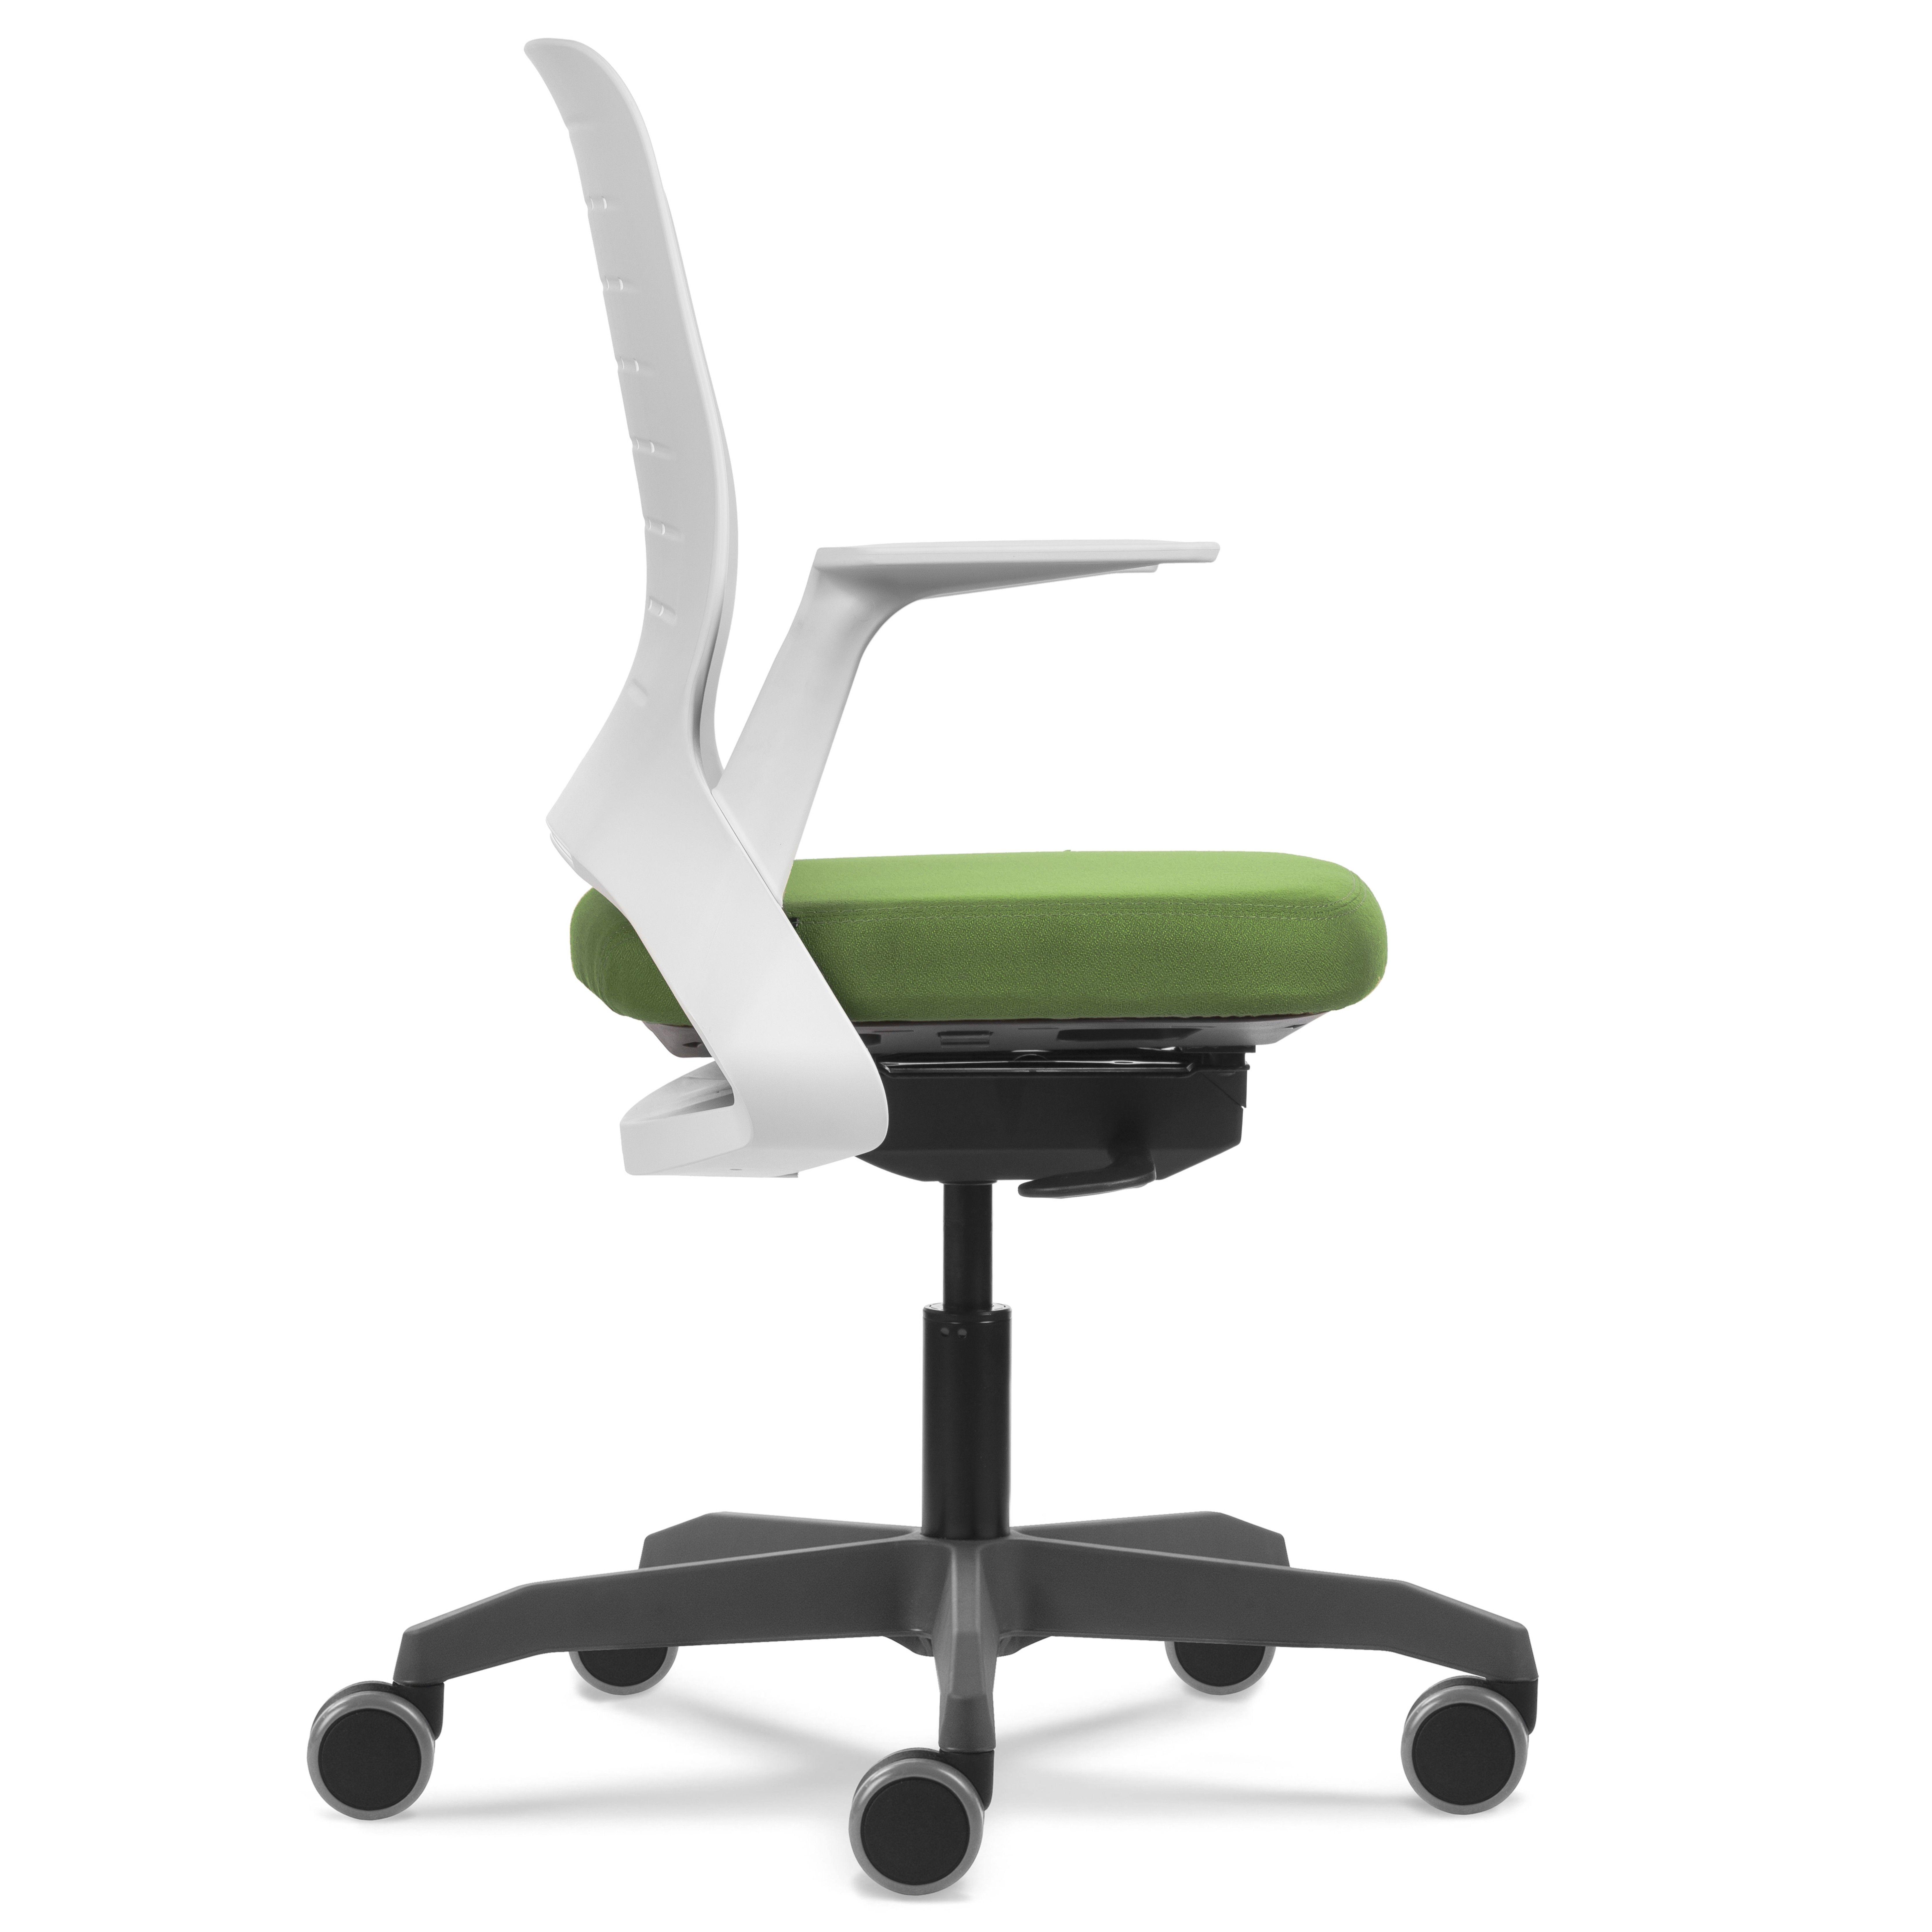 cadeira my chair emerald green